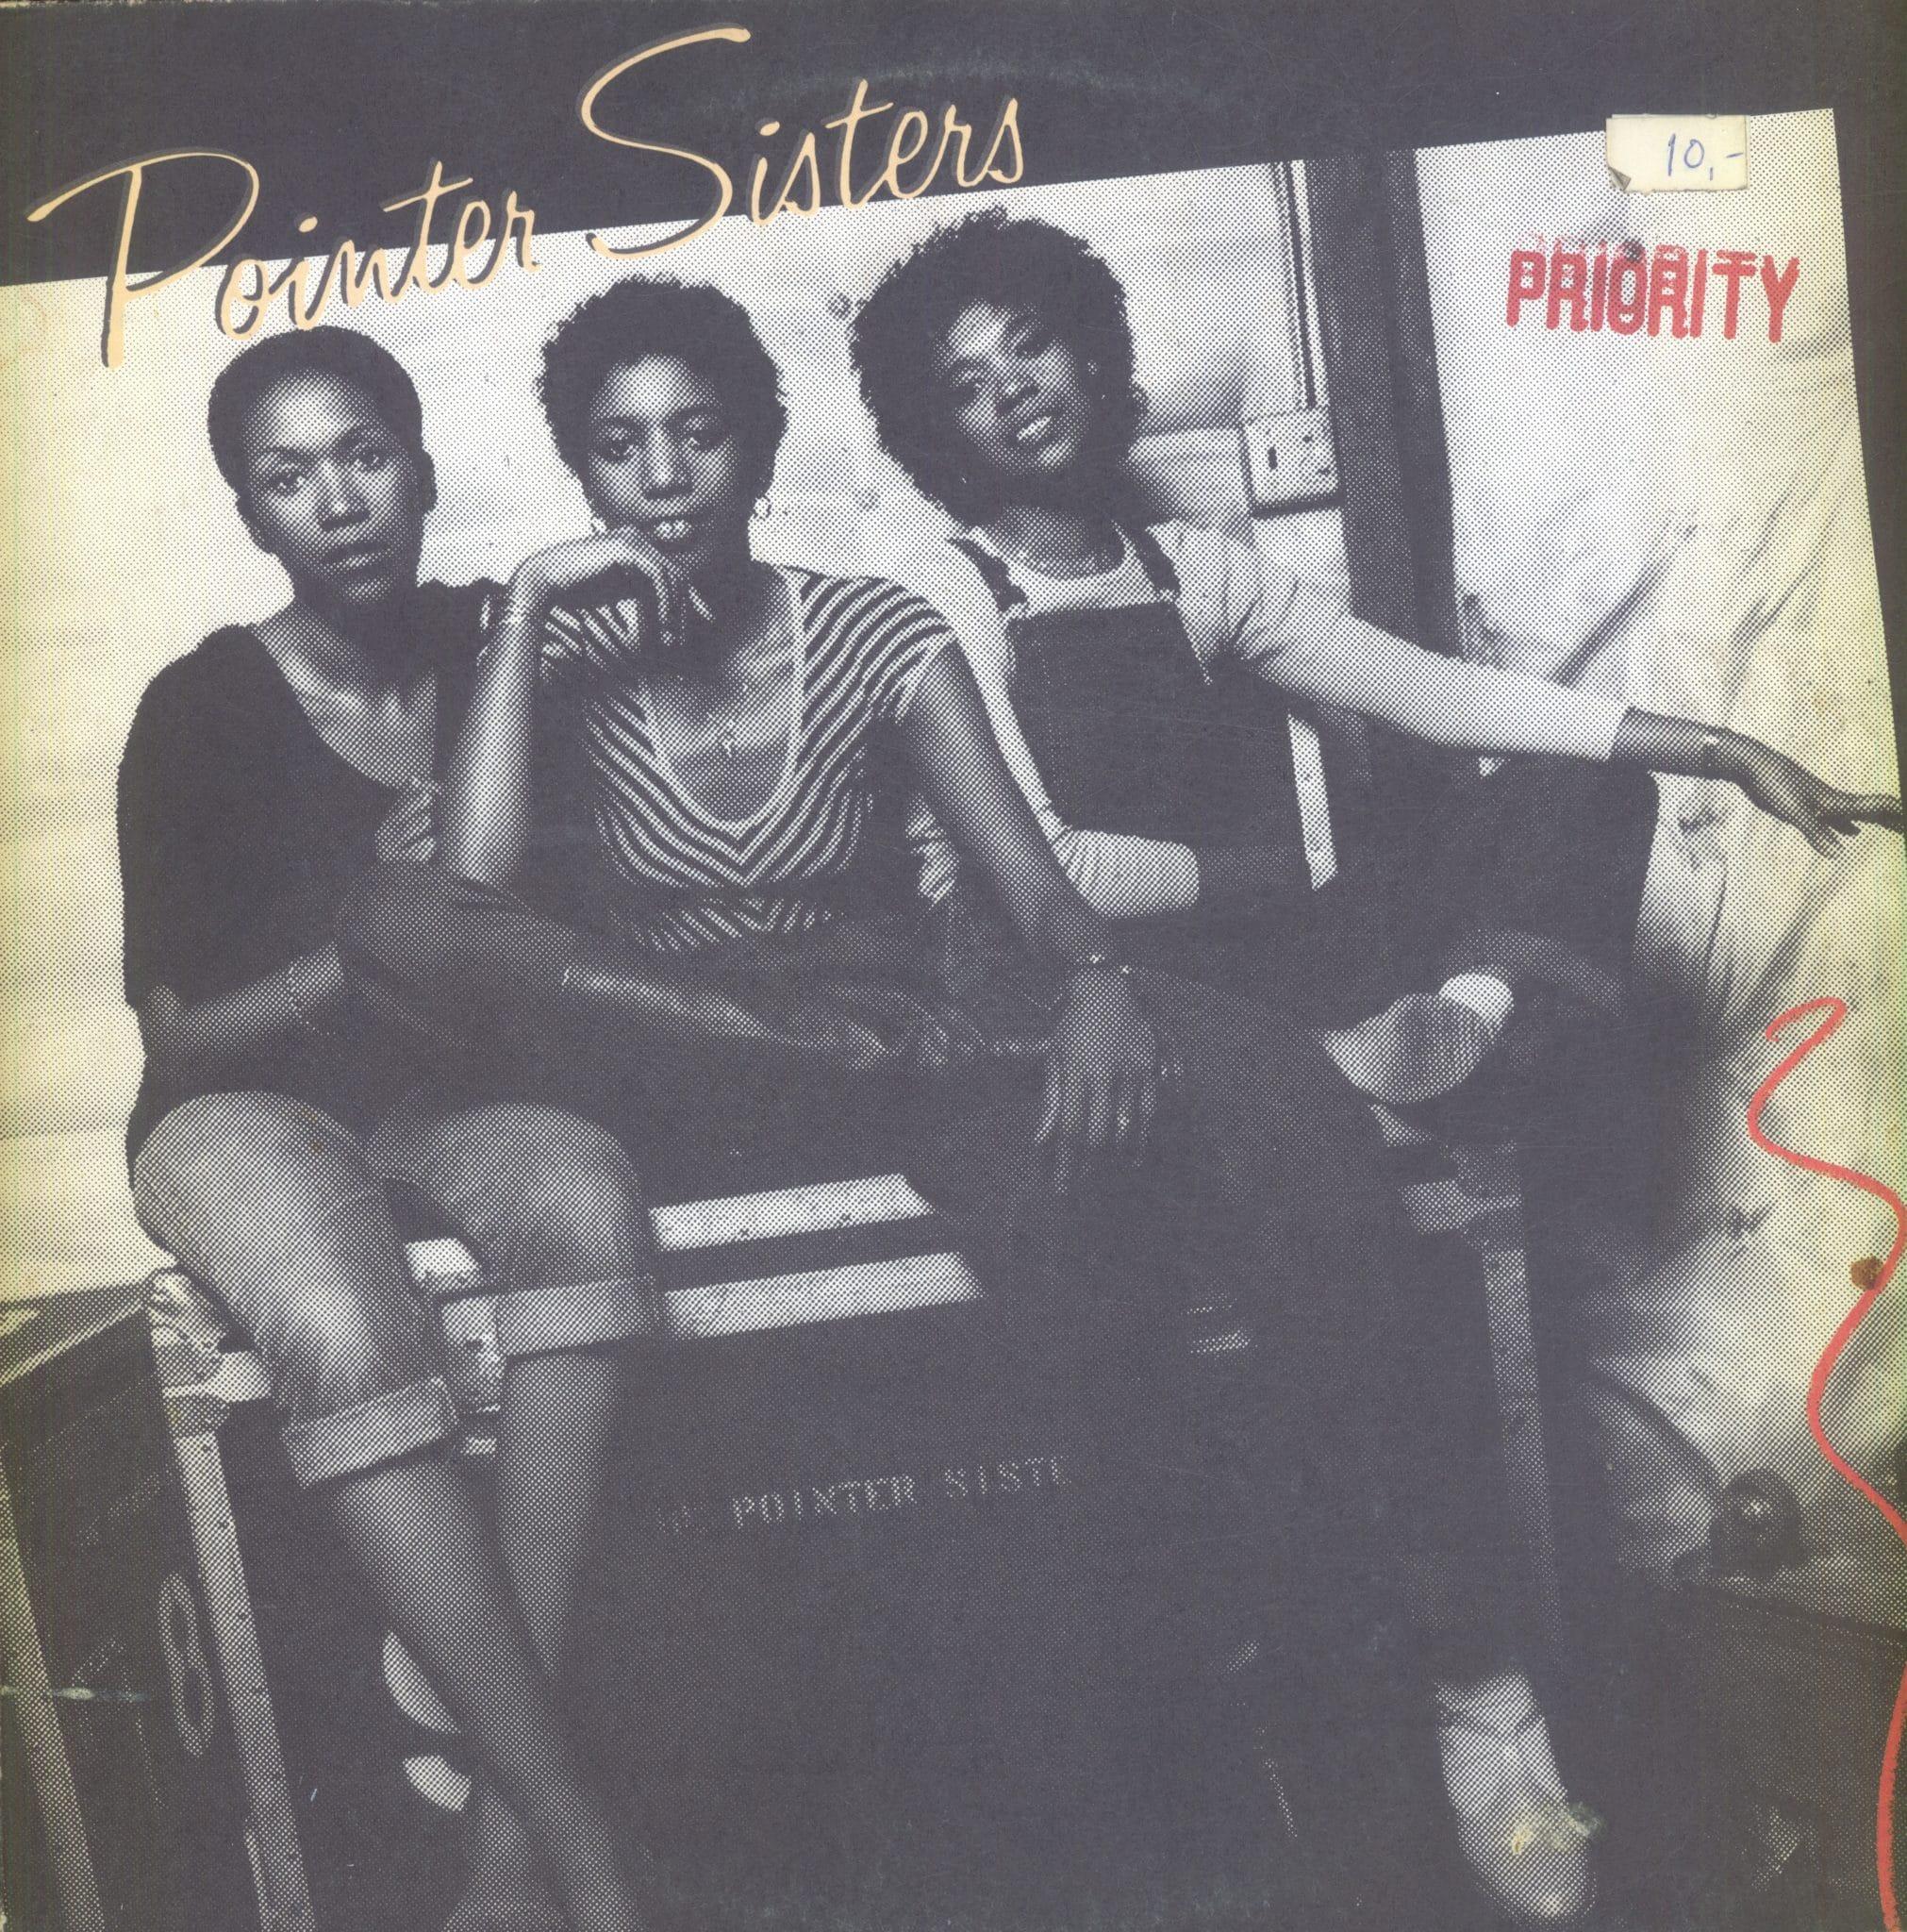 Gramofonska ploča Pointer Sisters Priority PL 52 161